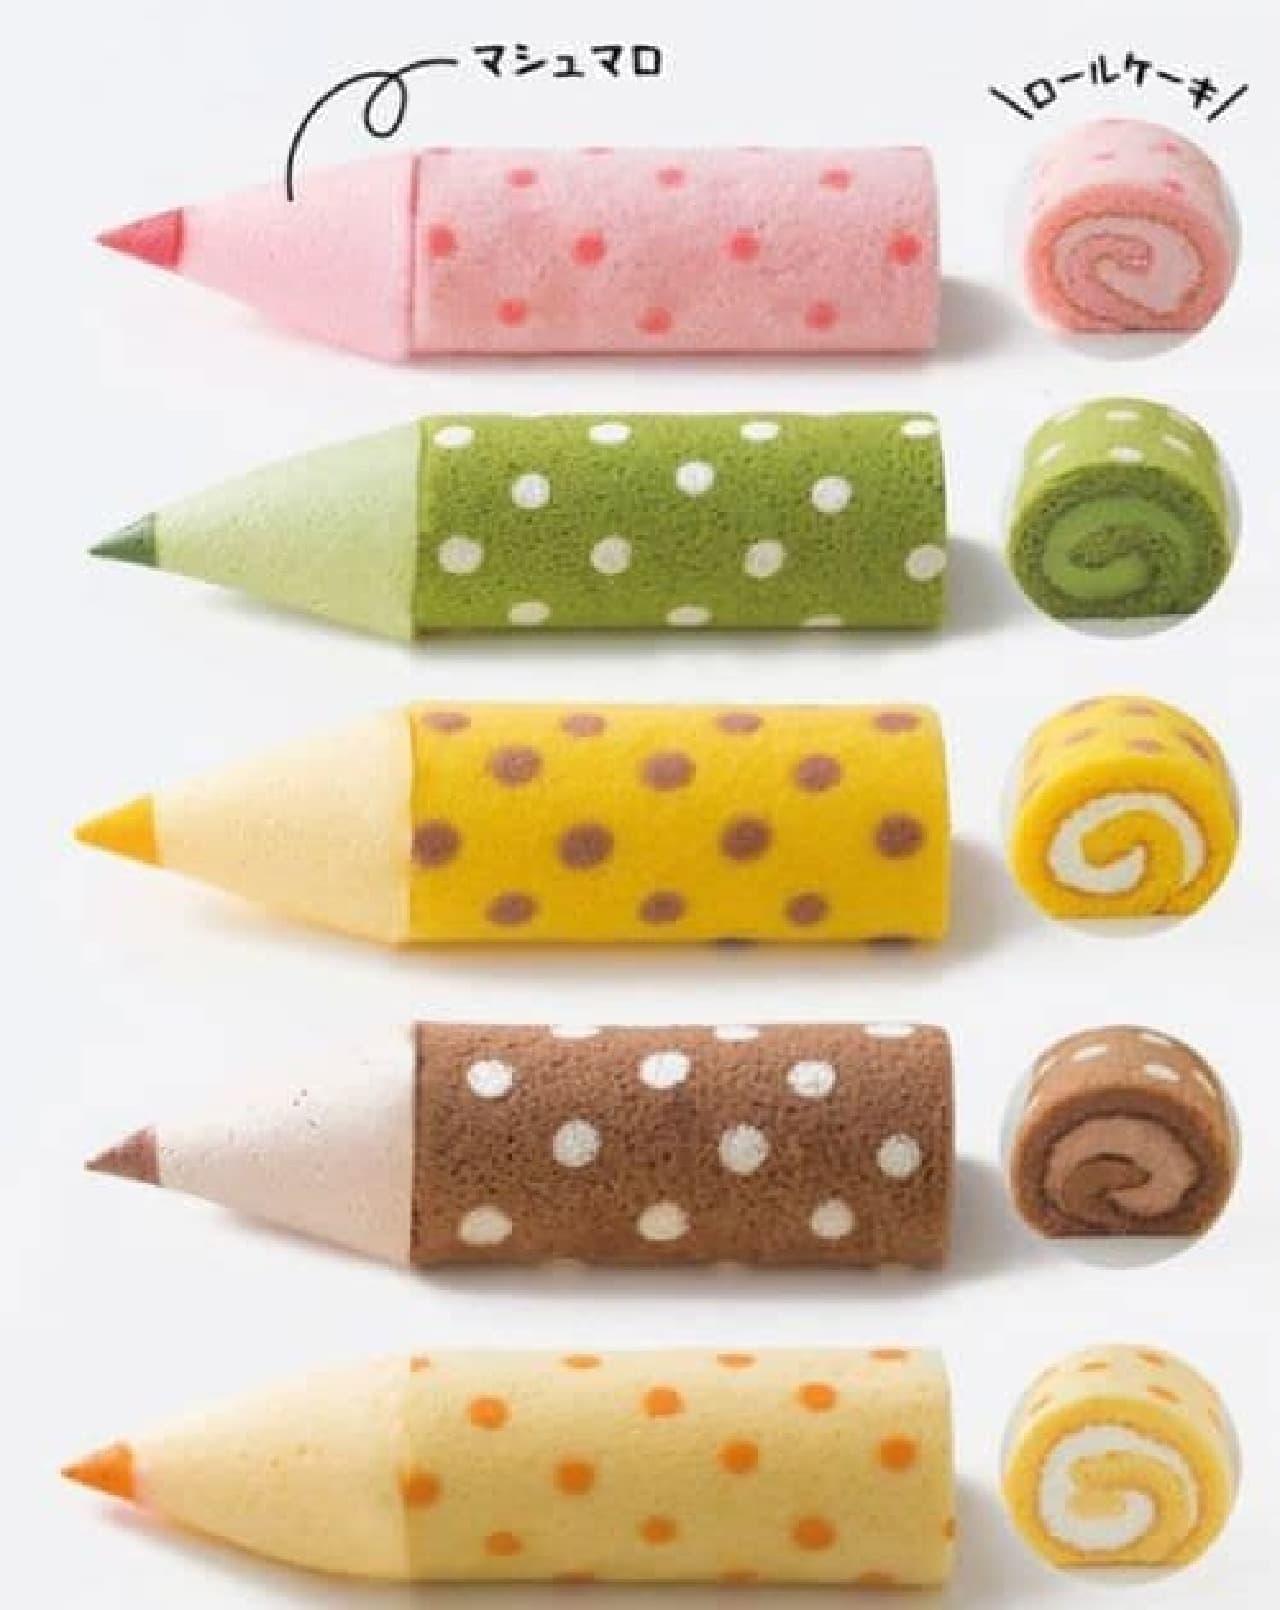 「色えんぴつろーる」はカラフルな色えんぴつに見立てられたロールケーキ